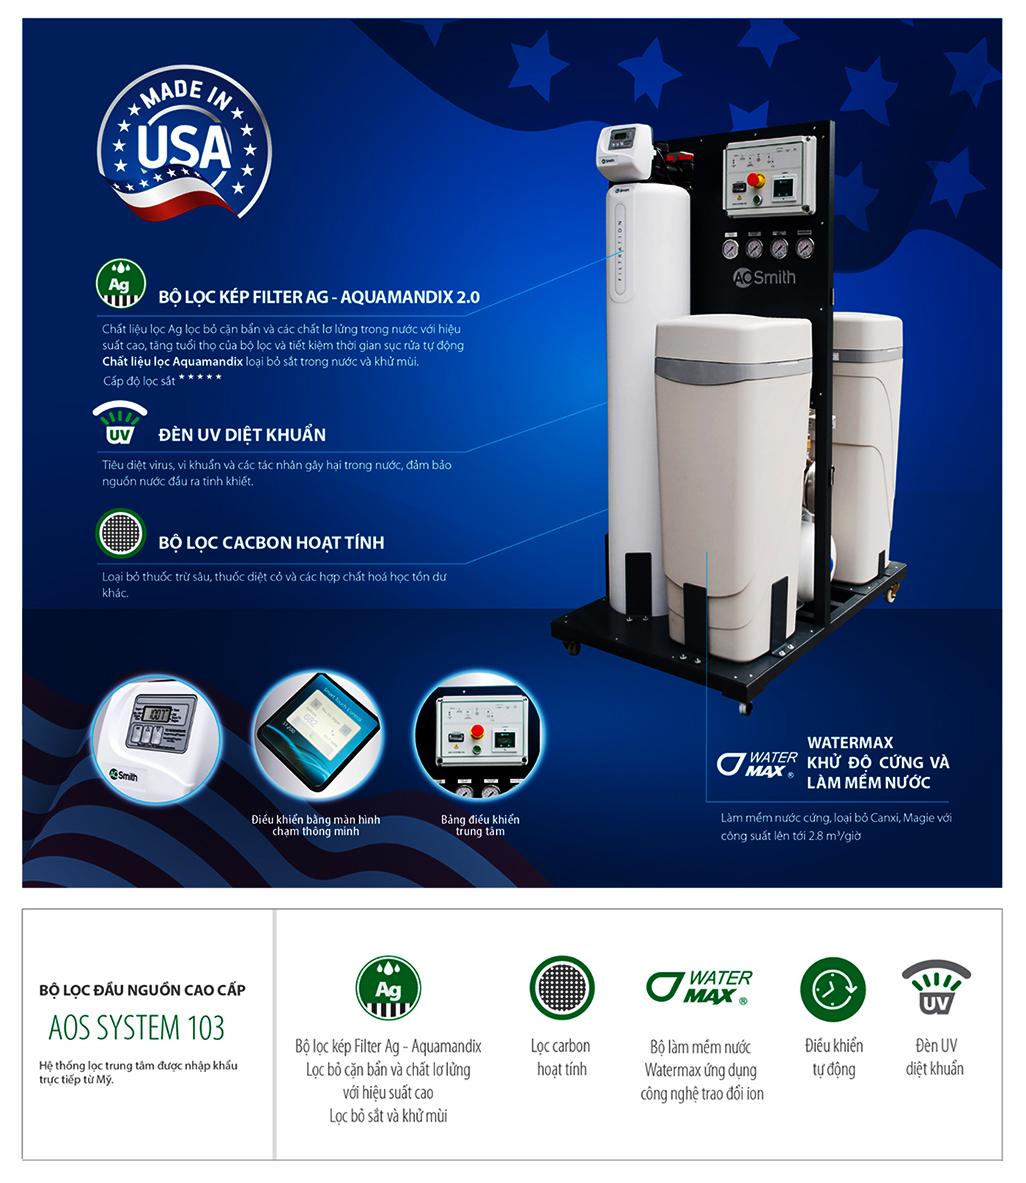 Lọc đầu nguồn Ao Smith System 103 là một chiếc máy thông minh vượt trội